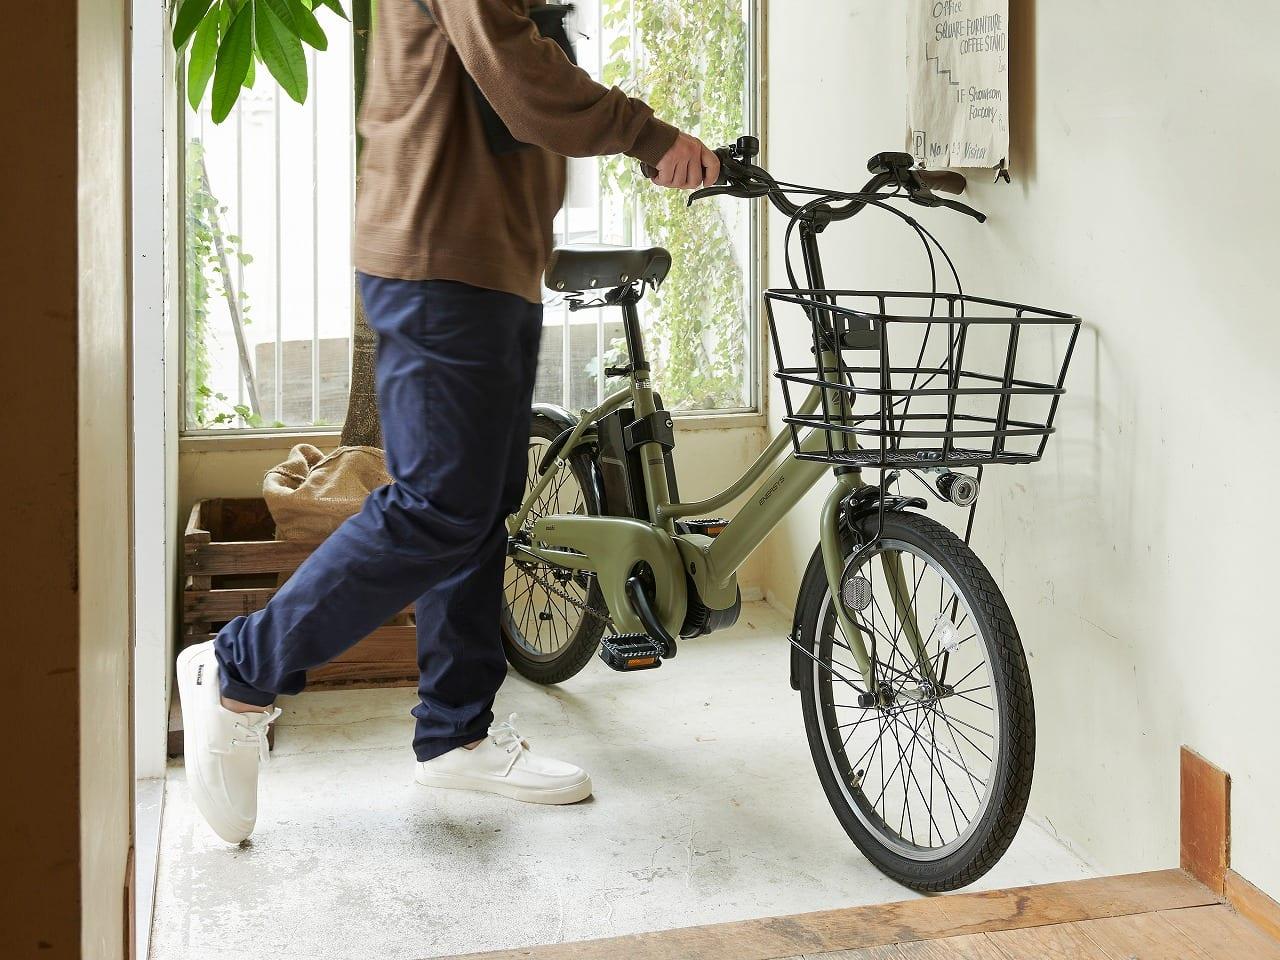 コンパクトな車体はマンションの玄関・室内での保管にも適している。